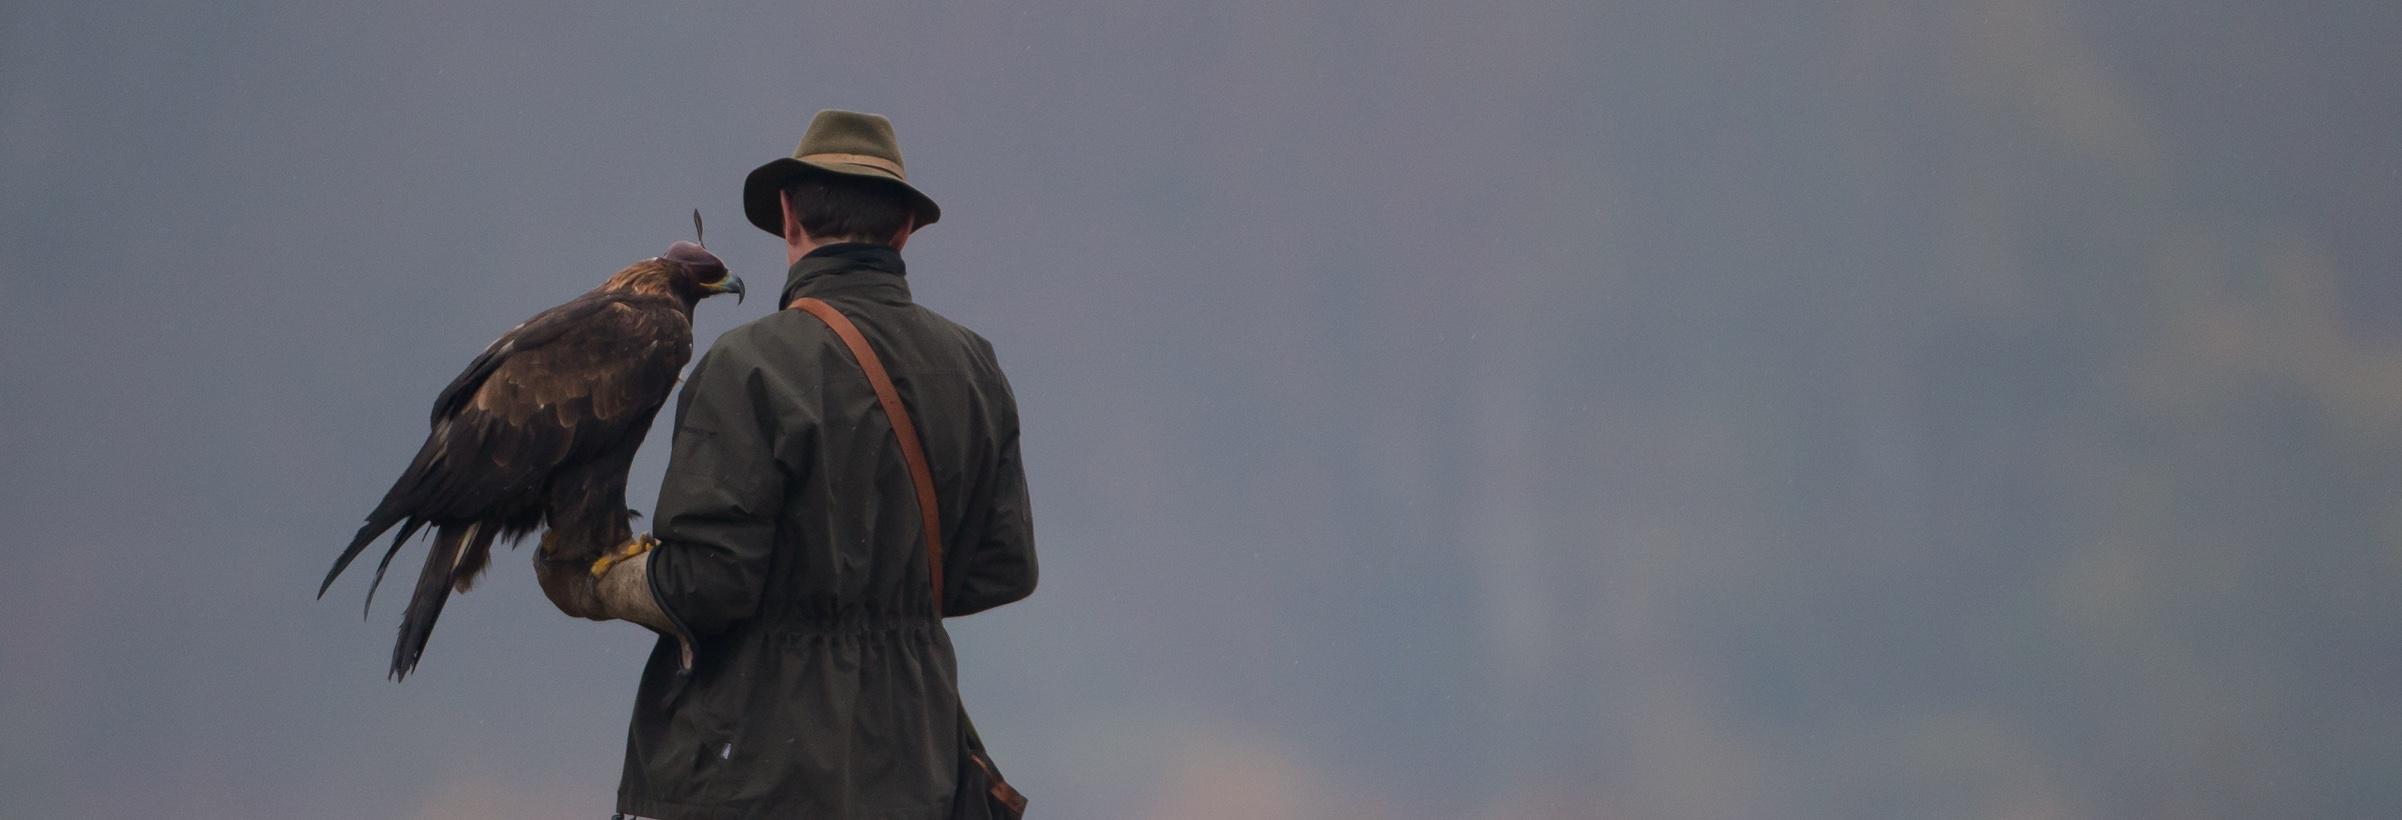 Un chasseur avec son rapace pour la chasse au vol